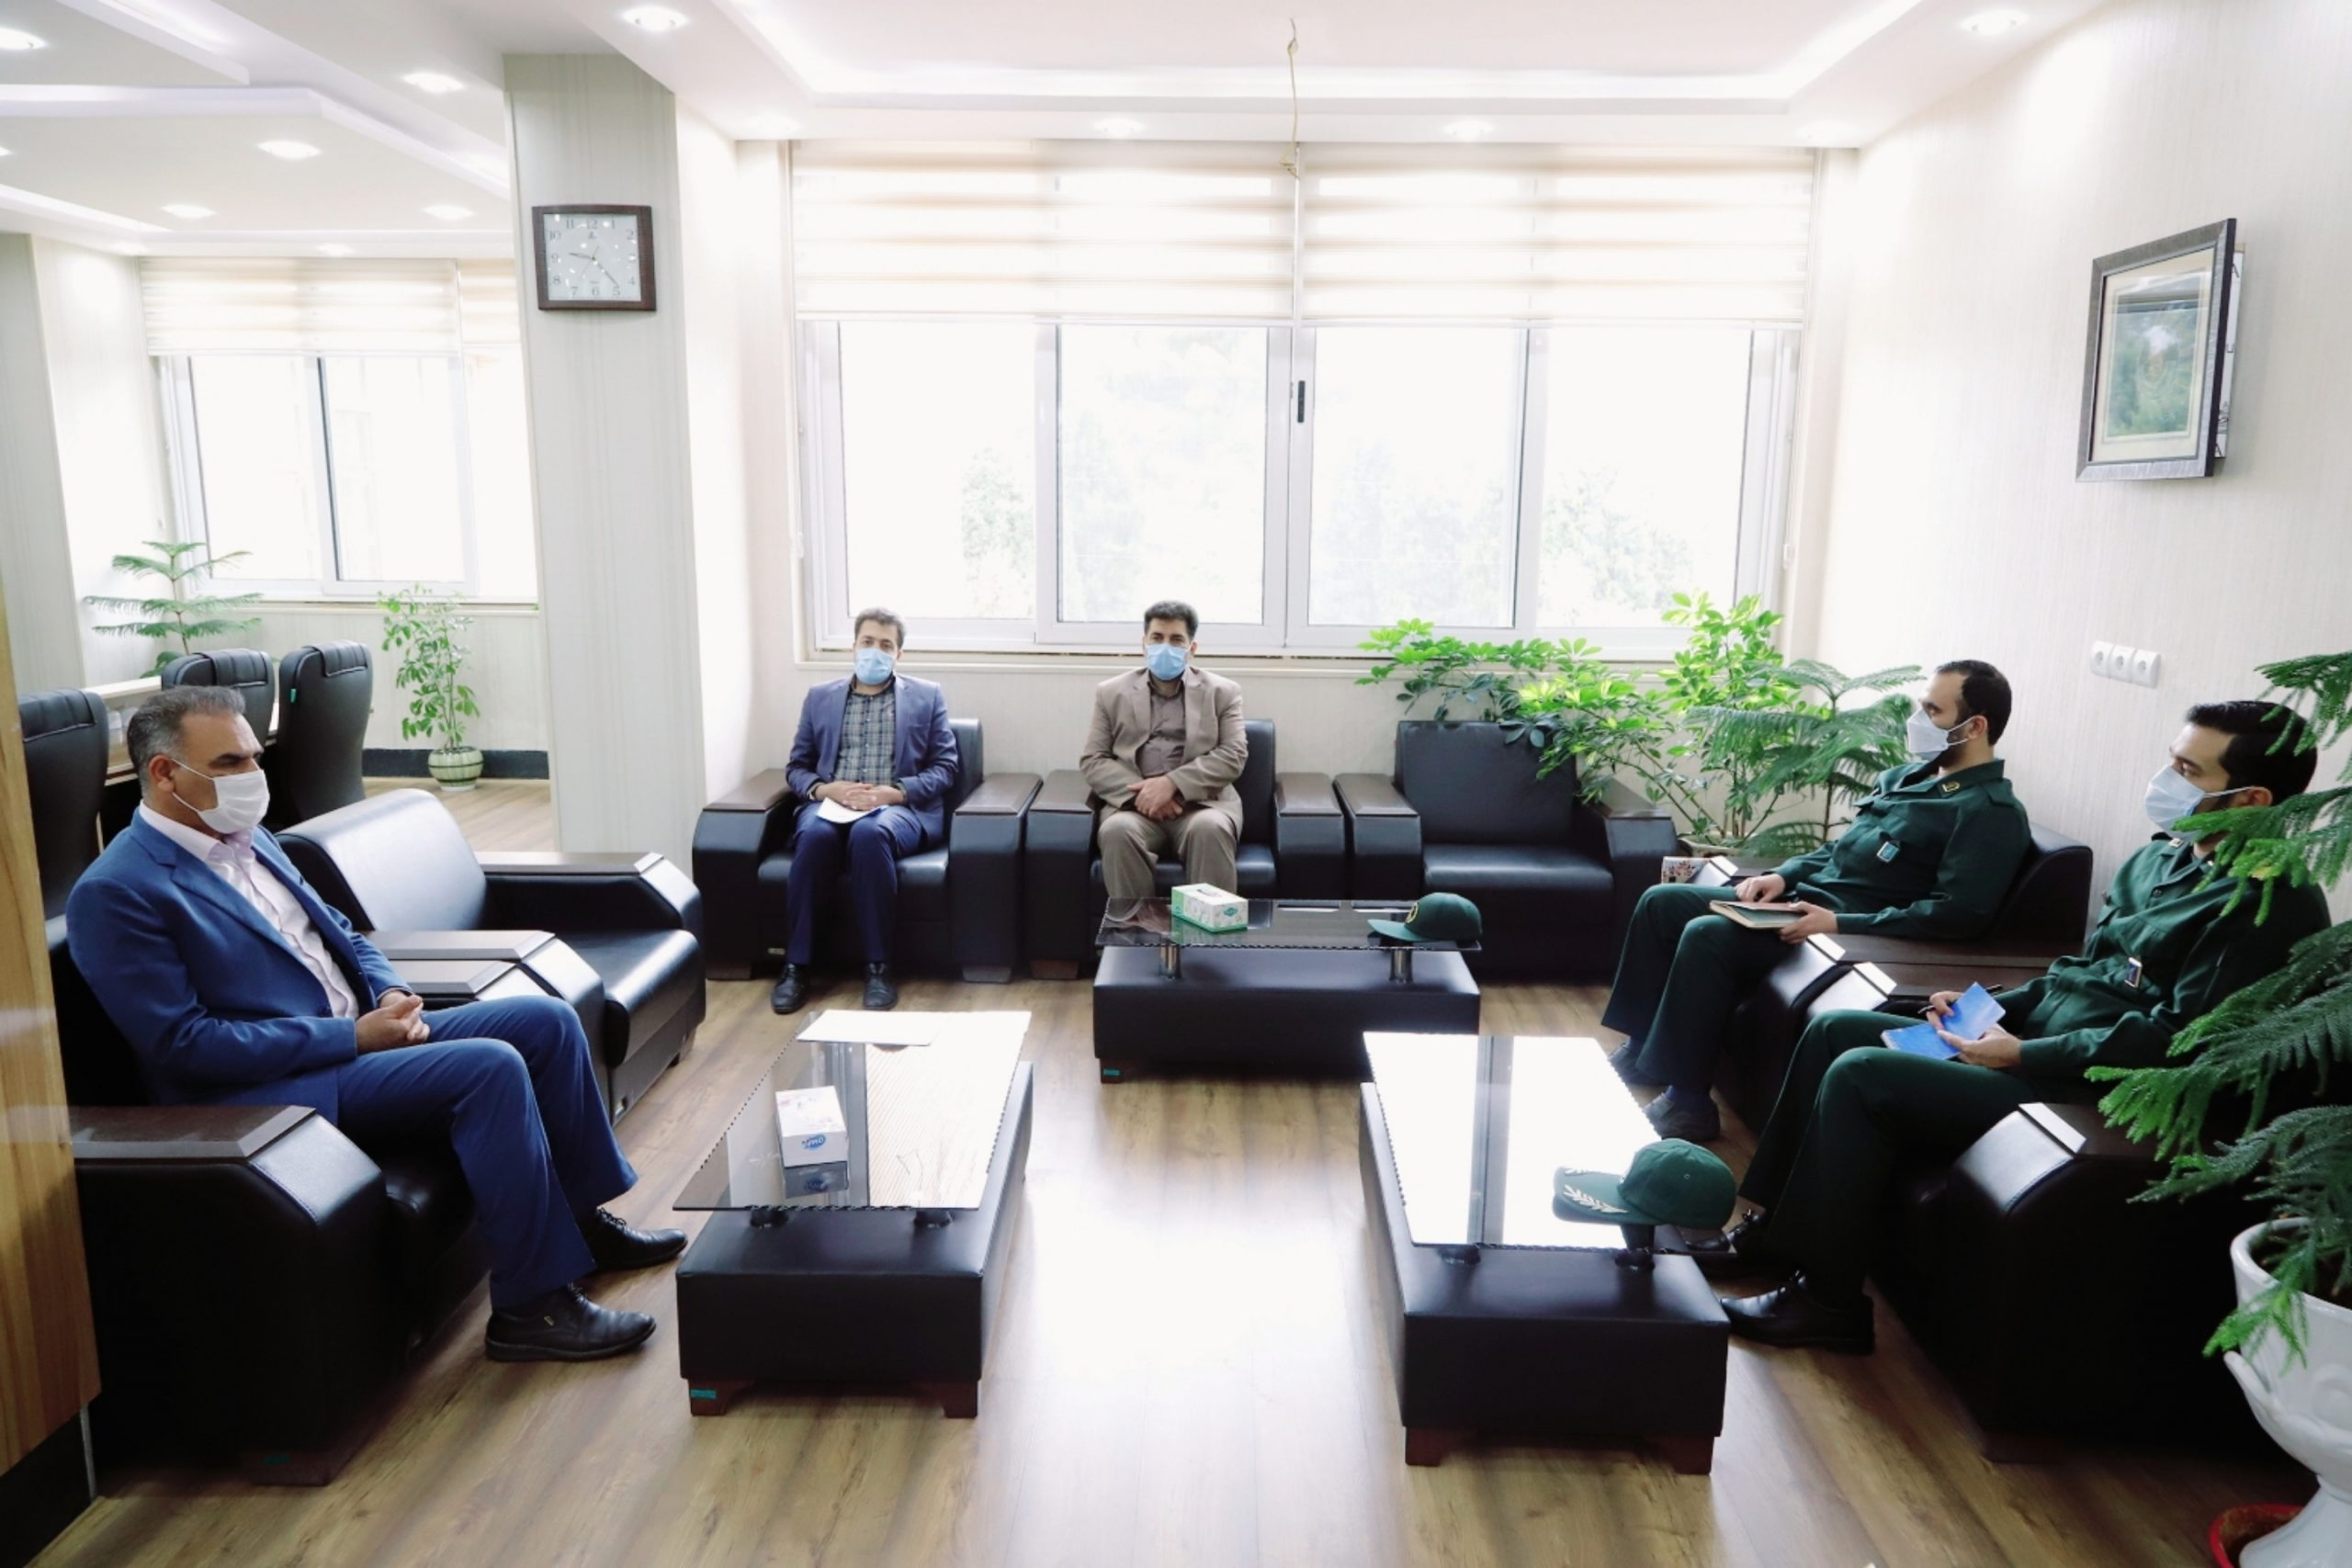 دیدار رئیس سازمان بسیج کارمندان استان و هیات همراه با شهردار بیرجند